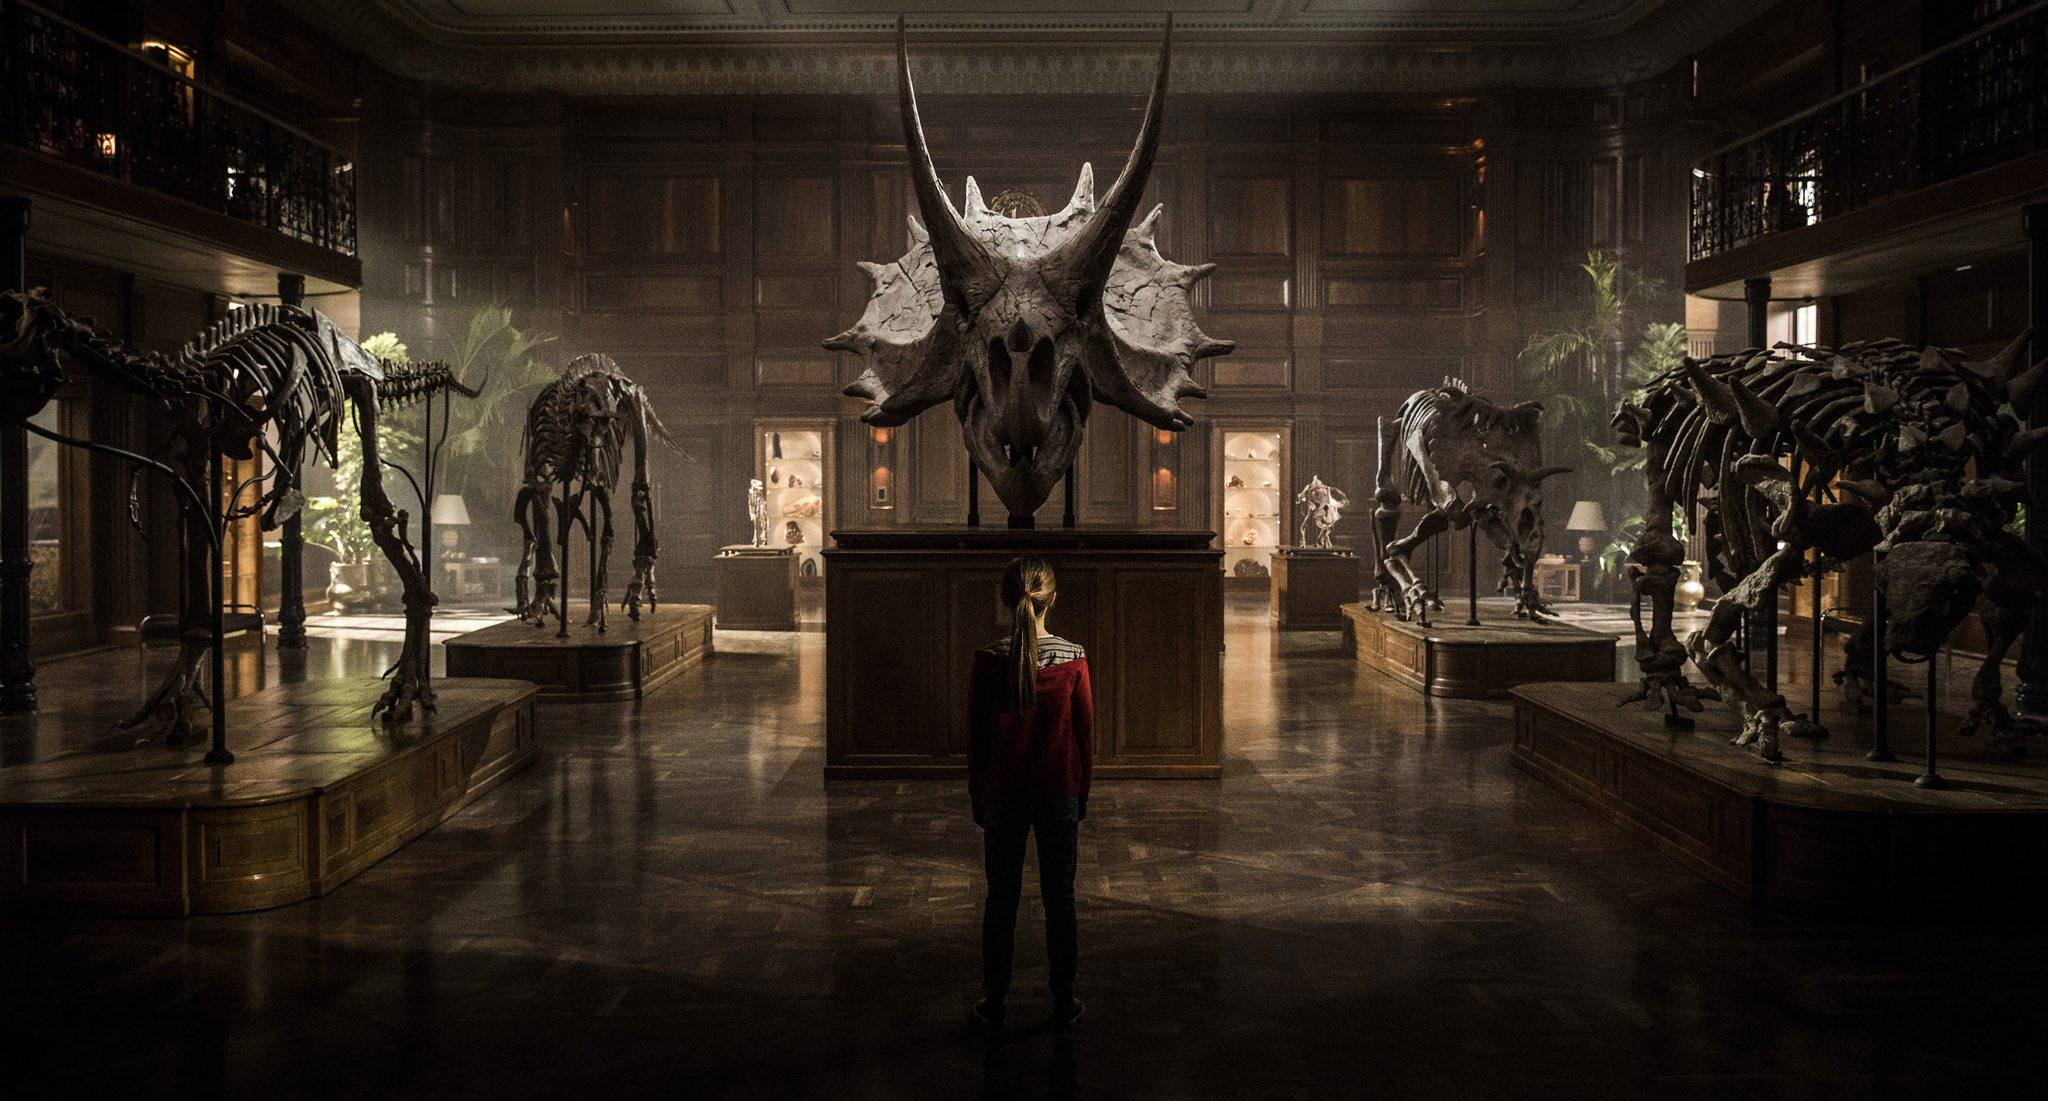 Al cinema arriva Jurassic World ed è subito dinosauro mania